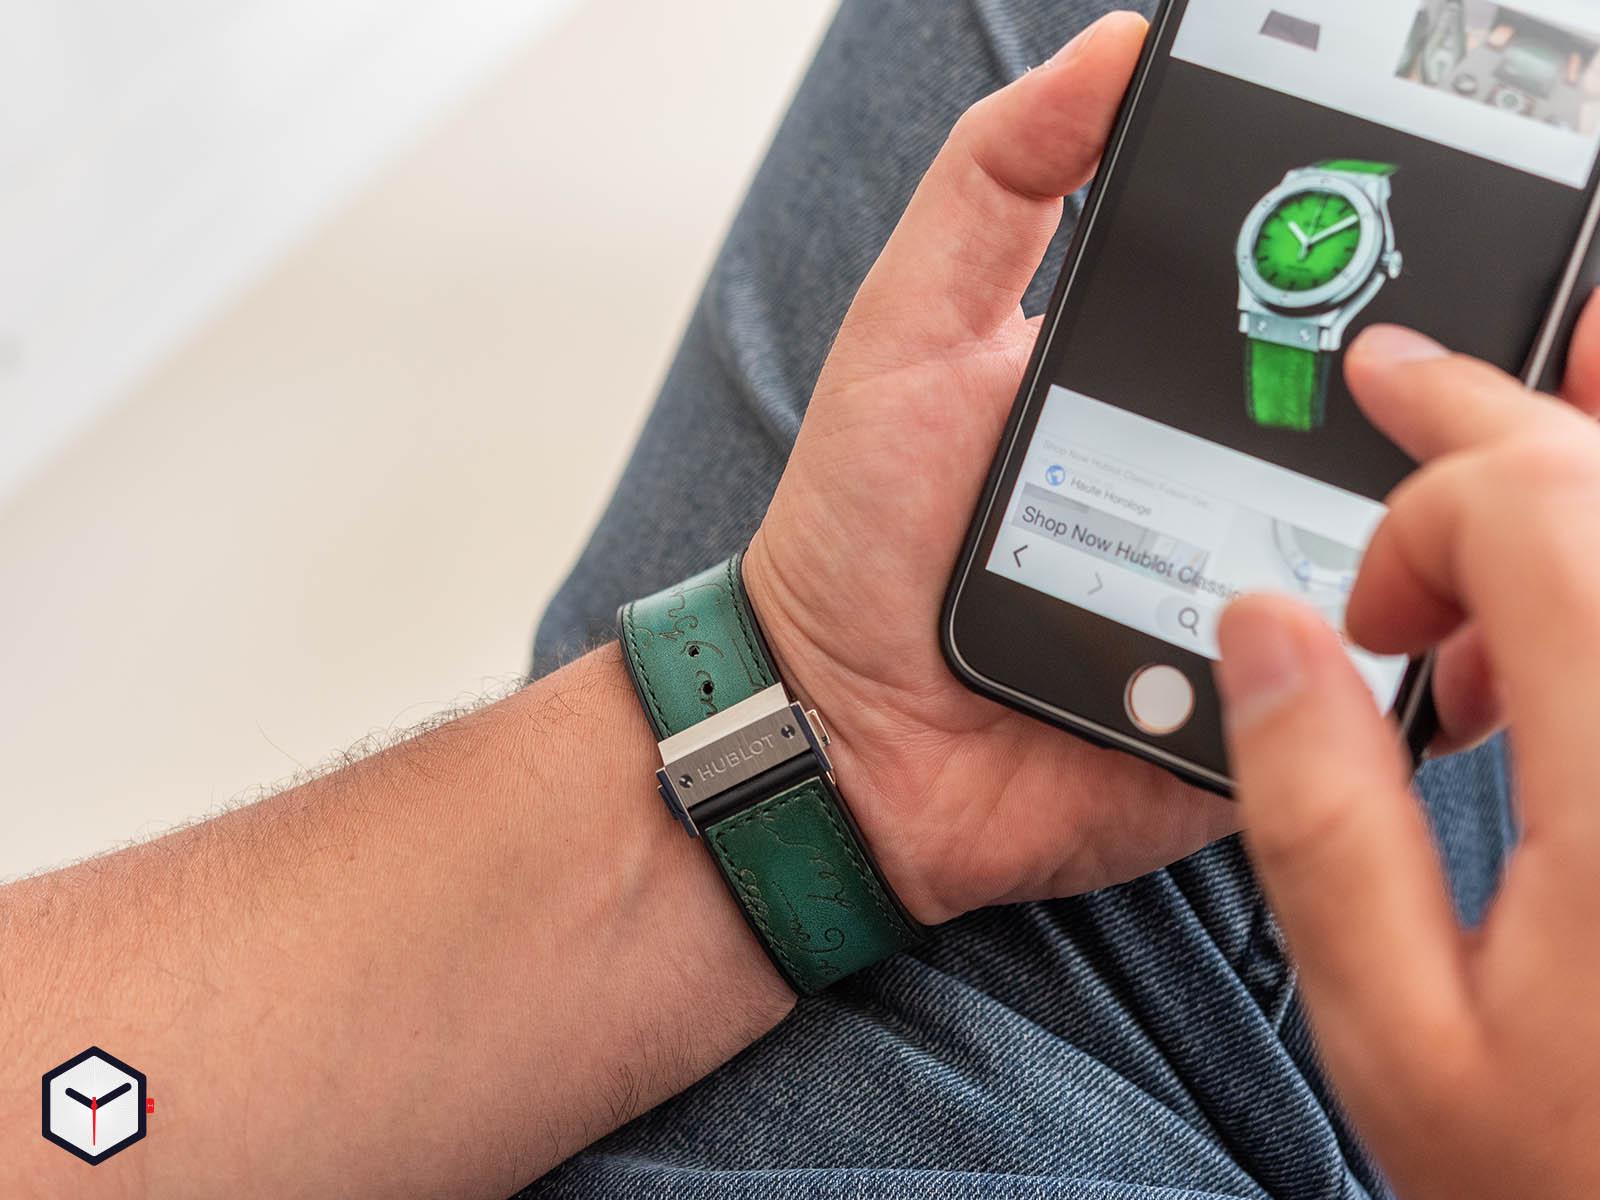 hublot-classic-fusion-berluti-scritto-emerald-green-8.jpg